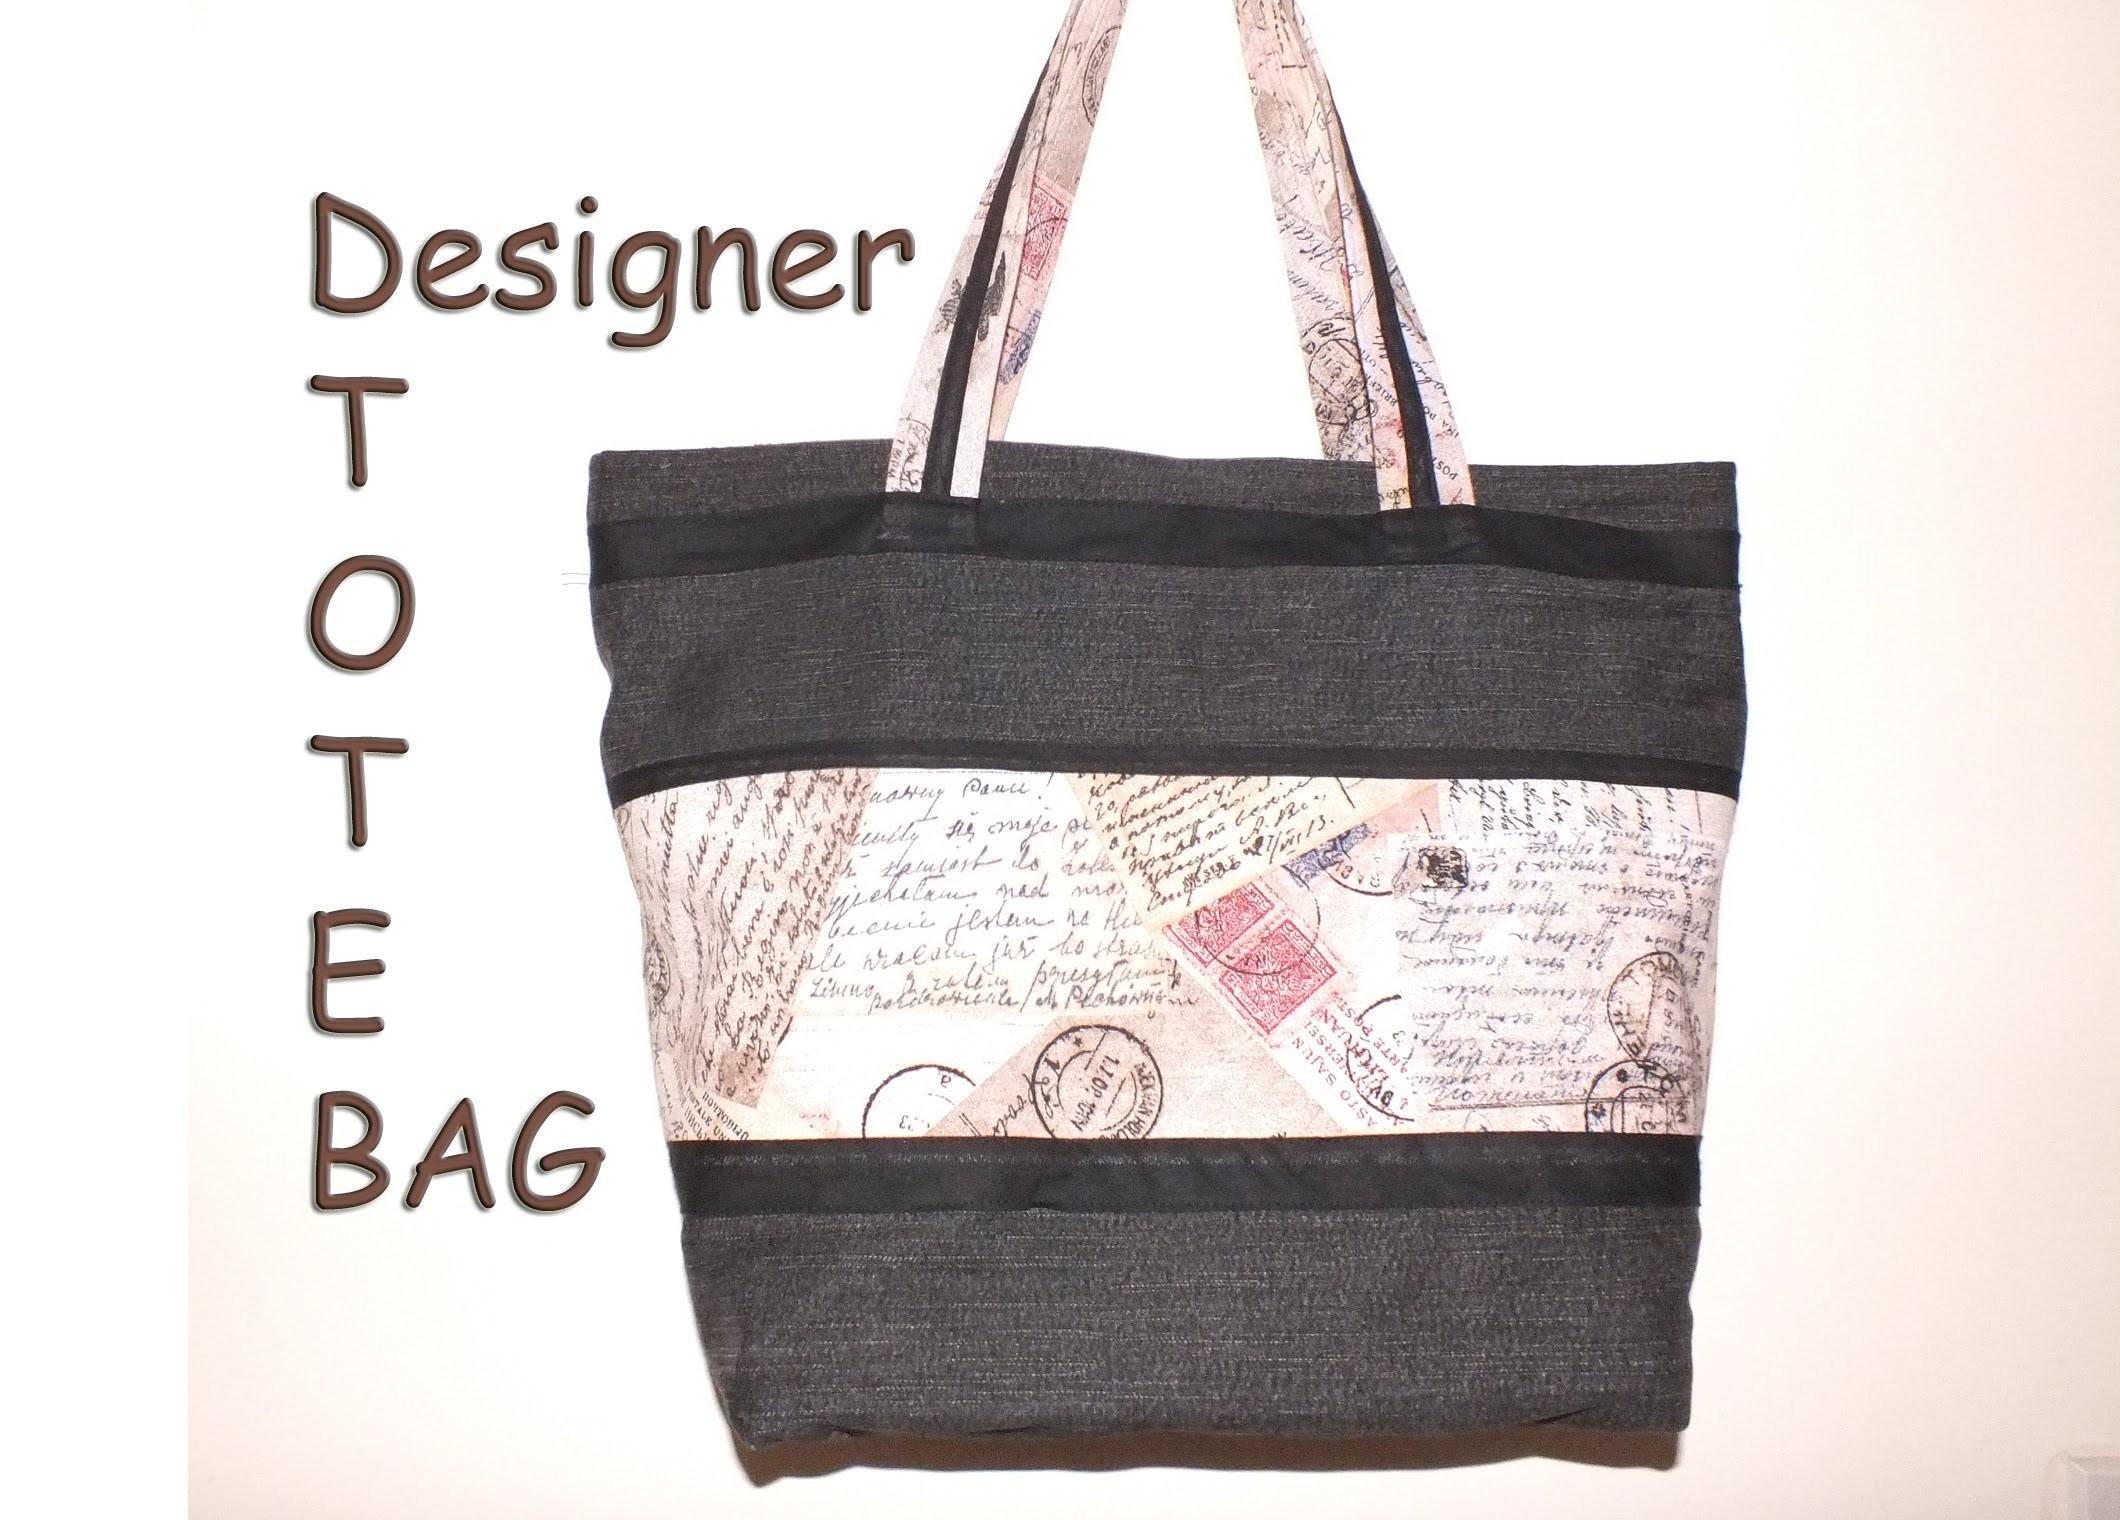 Designer tote bag. Recycled jeans. with zip closure.DIY Bag Vol 8